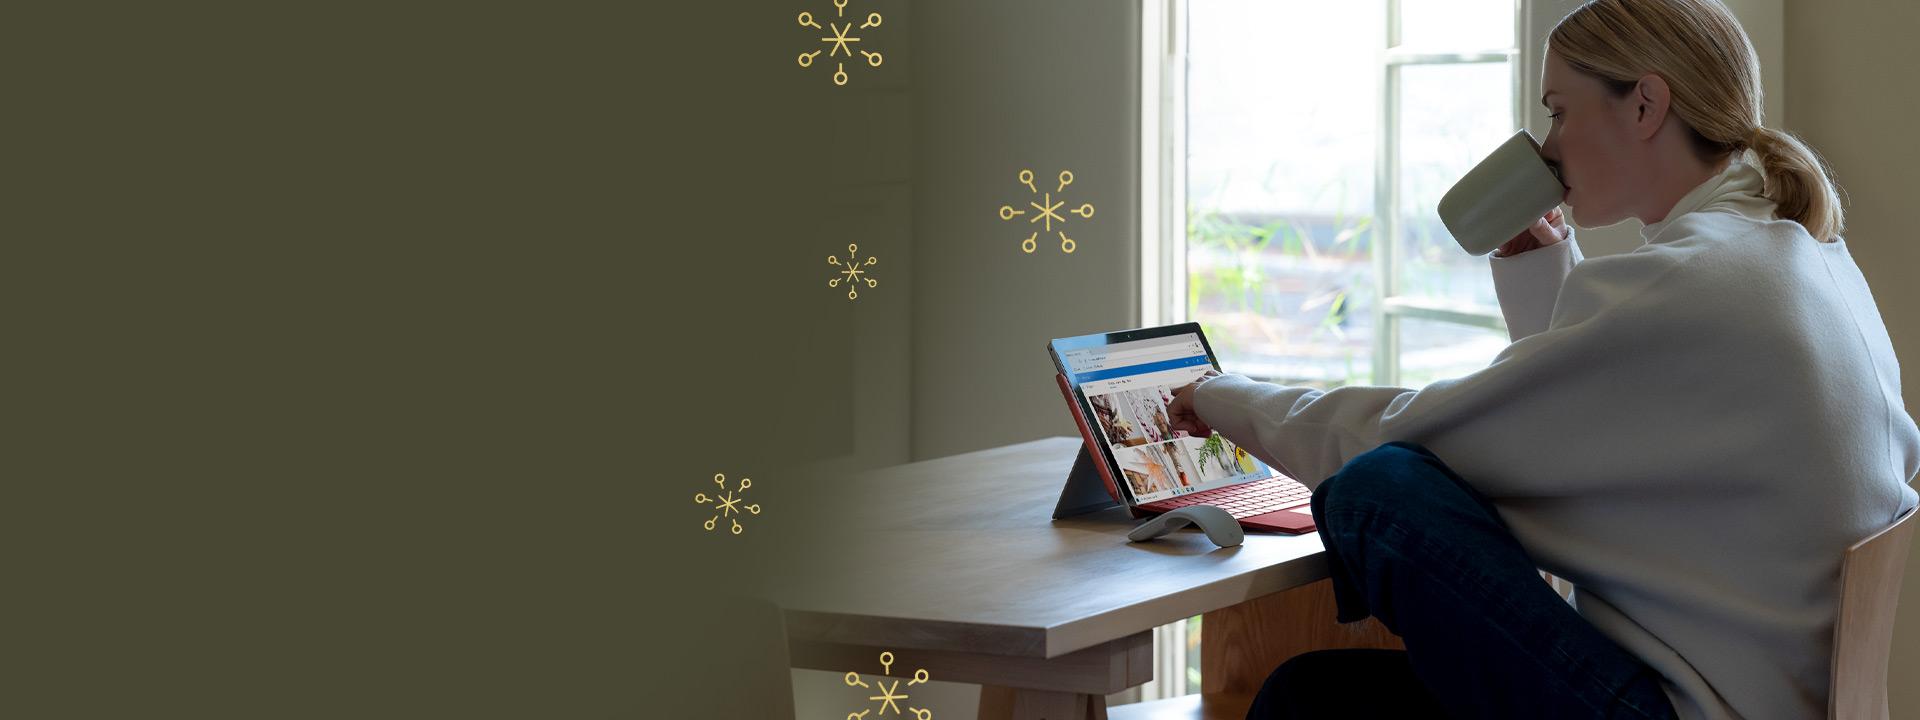 Una persona con un dispositivo Surface Pro 7 en una mesa